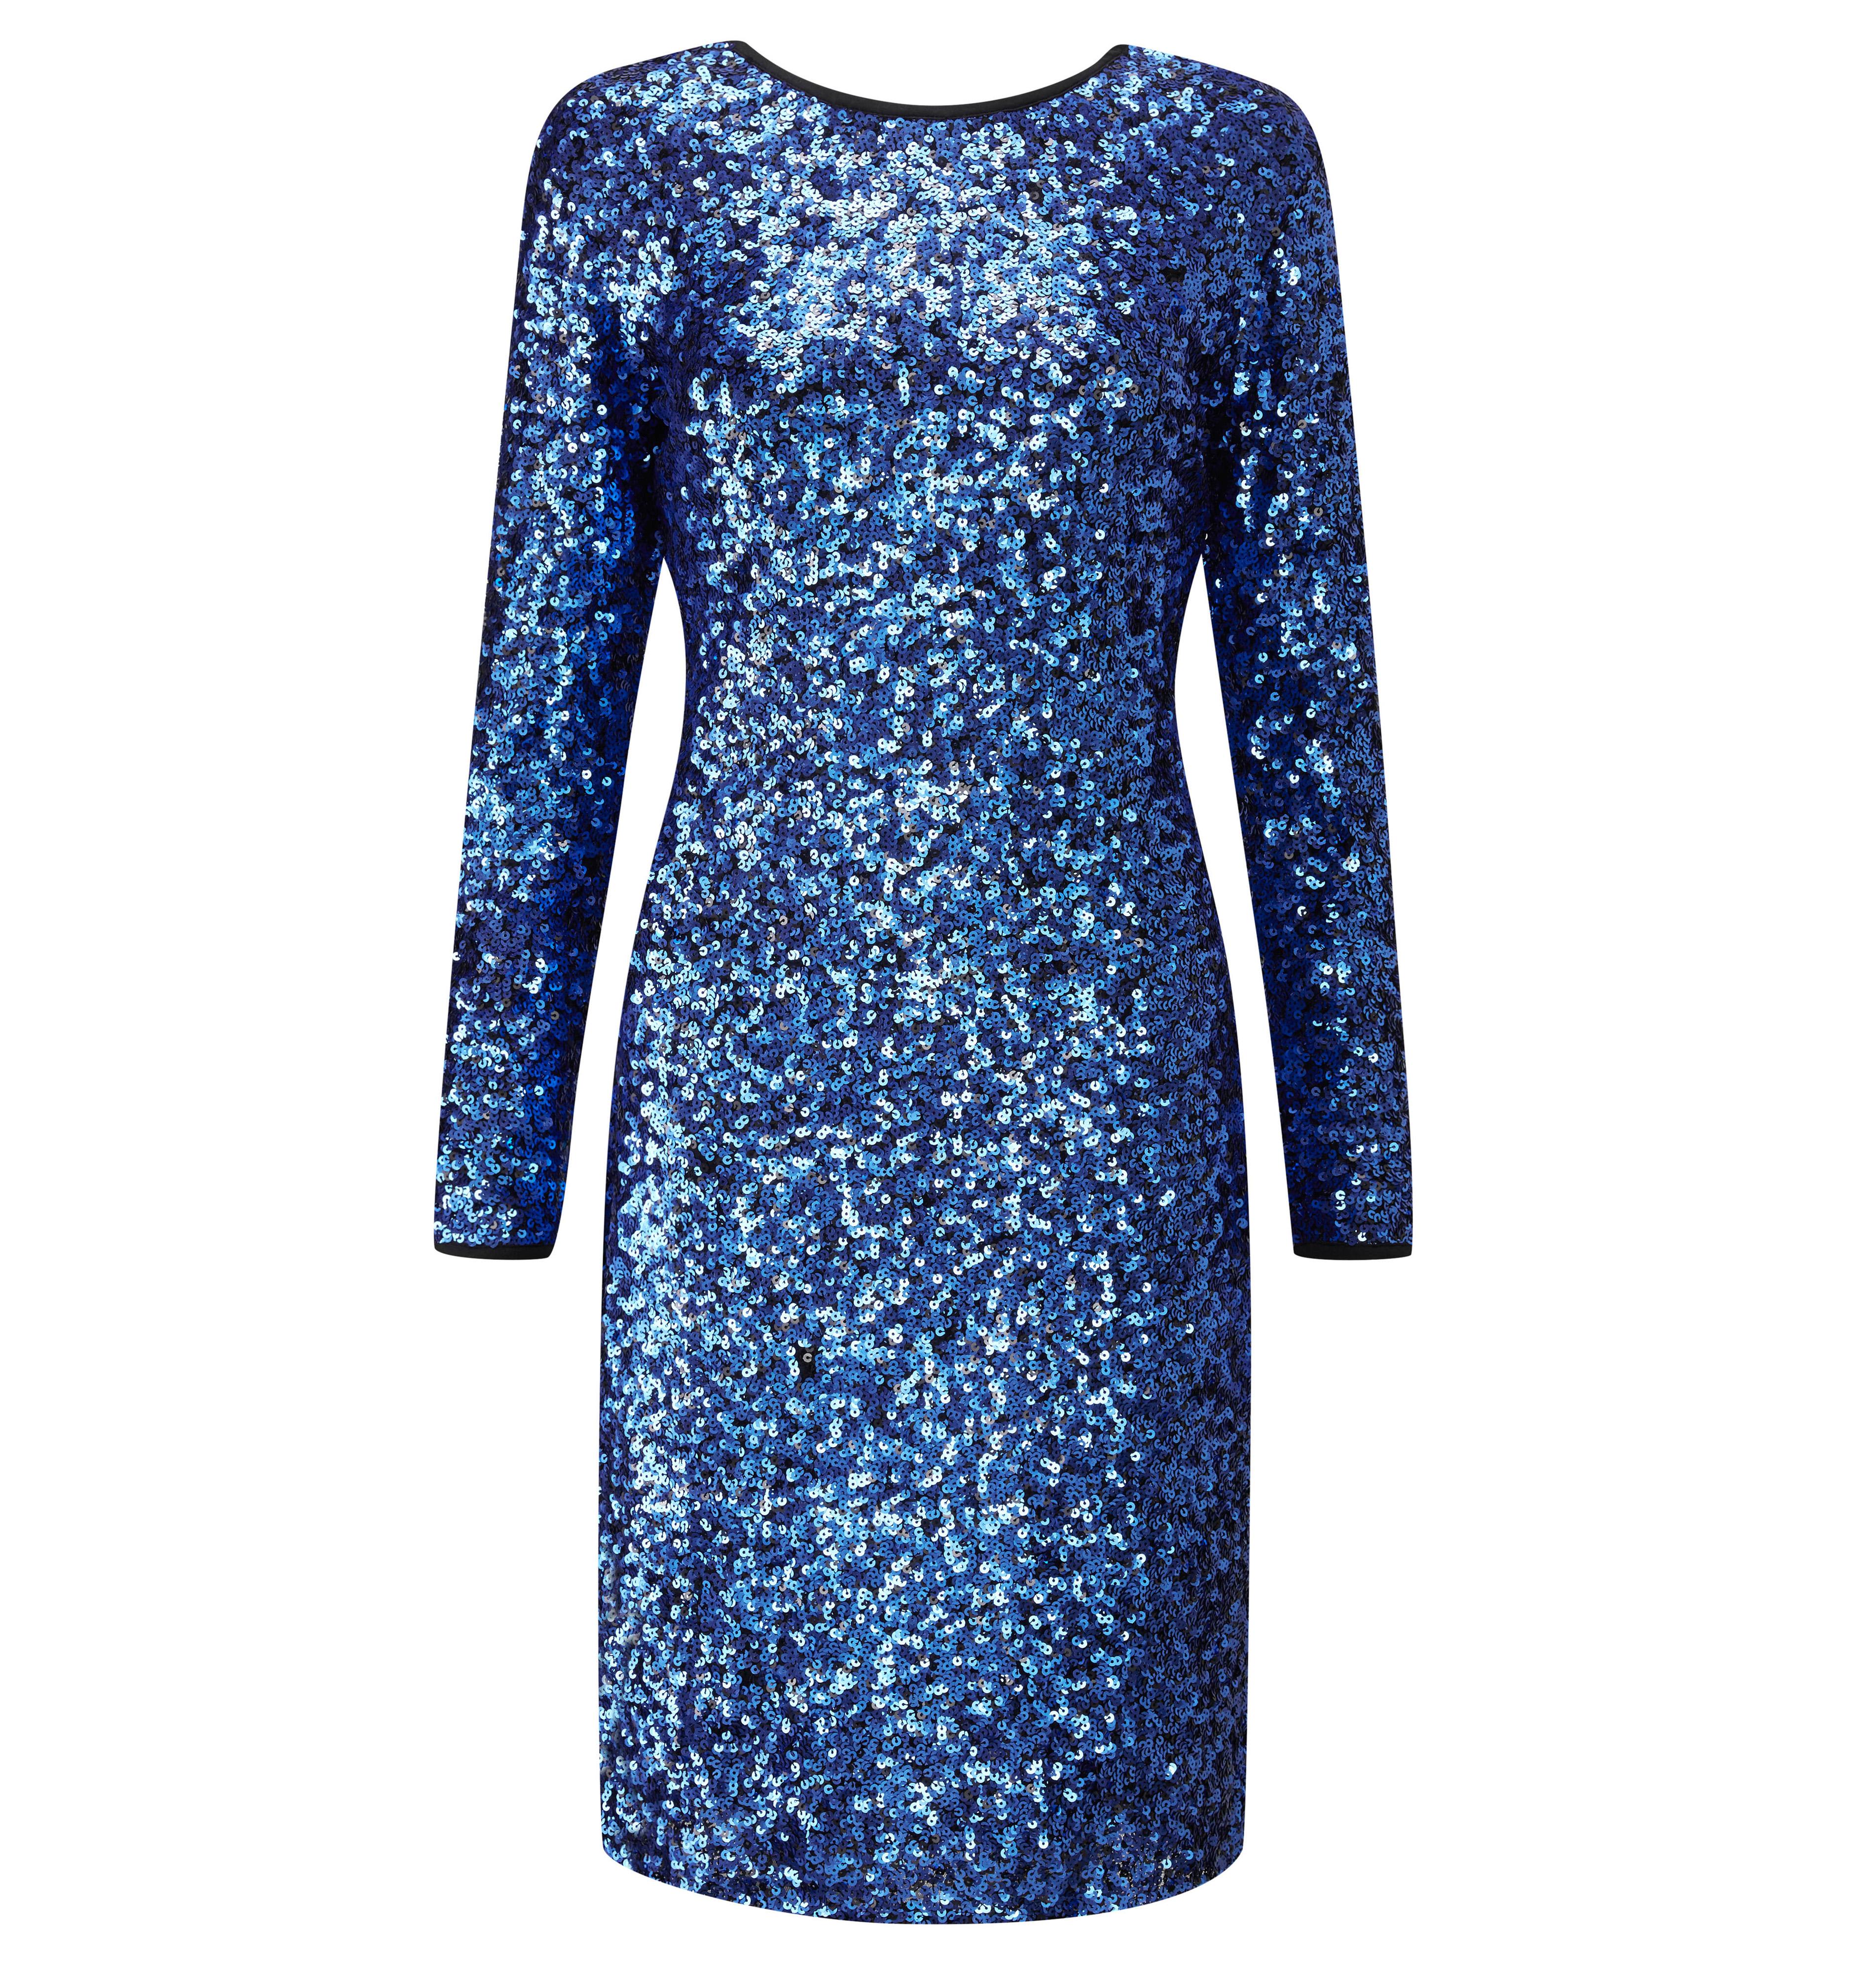 Sosandar Sapphire Sequin Dress, £89